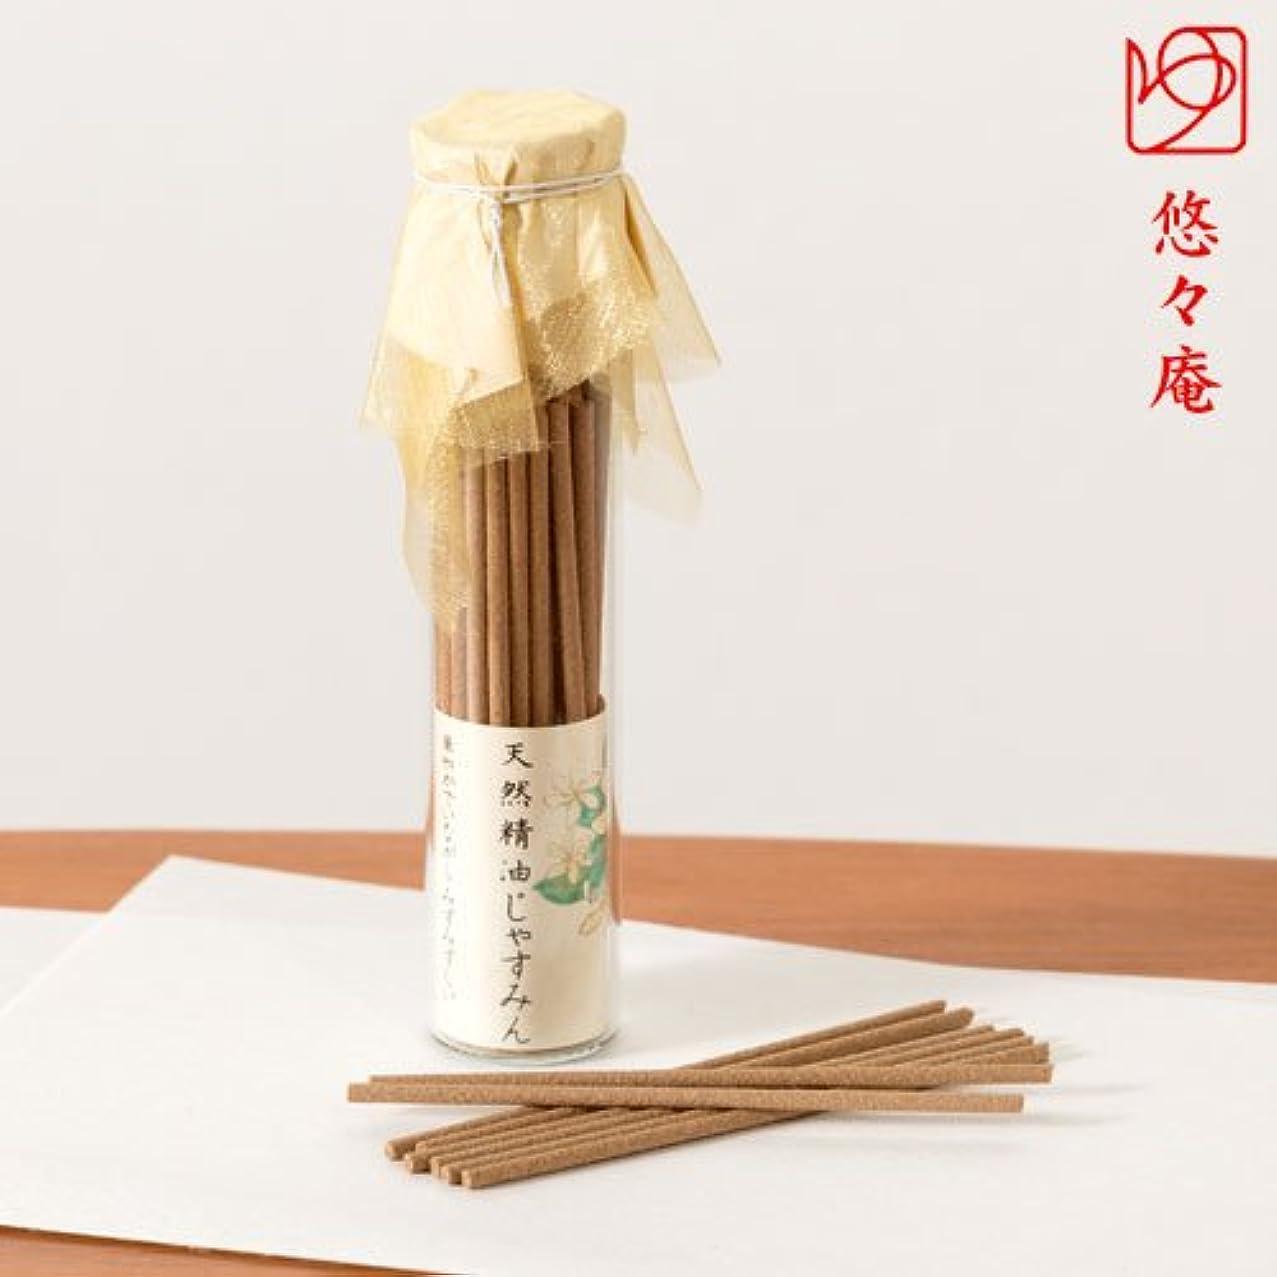 ドール乱雑なグローブスティックお香天然精油のお線香窓辺のじゃすみんガラスビン入悠々庵Incense stick of natural essential oil